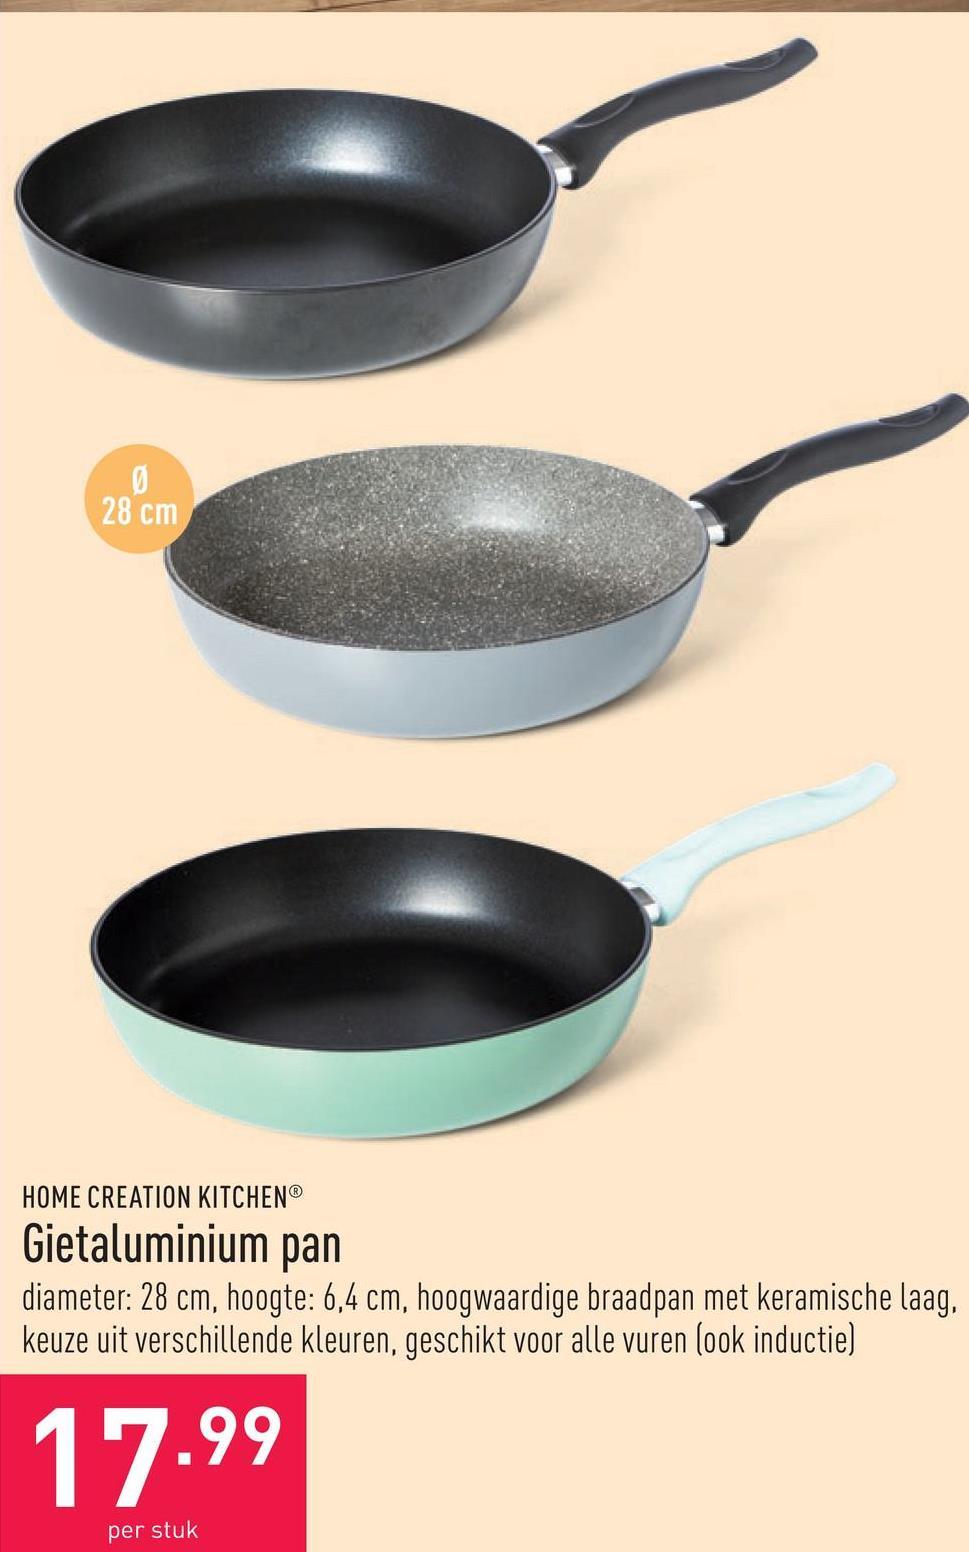 Gietaluminium pan diameter: 28 cm, hoogte: 6,4 cm, hoogwaardige braadpan met keramische laag, keuze uit verschillende kleuren, geschikt voor alle vuren (ook inductie)